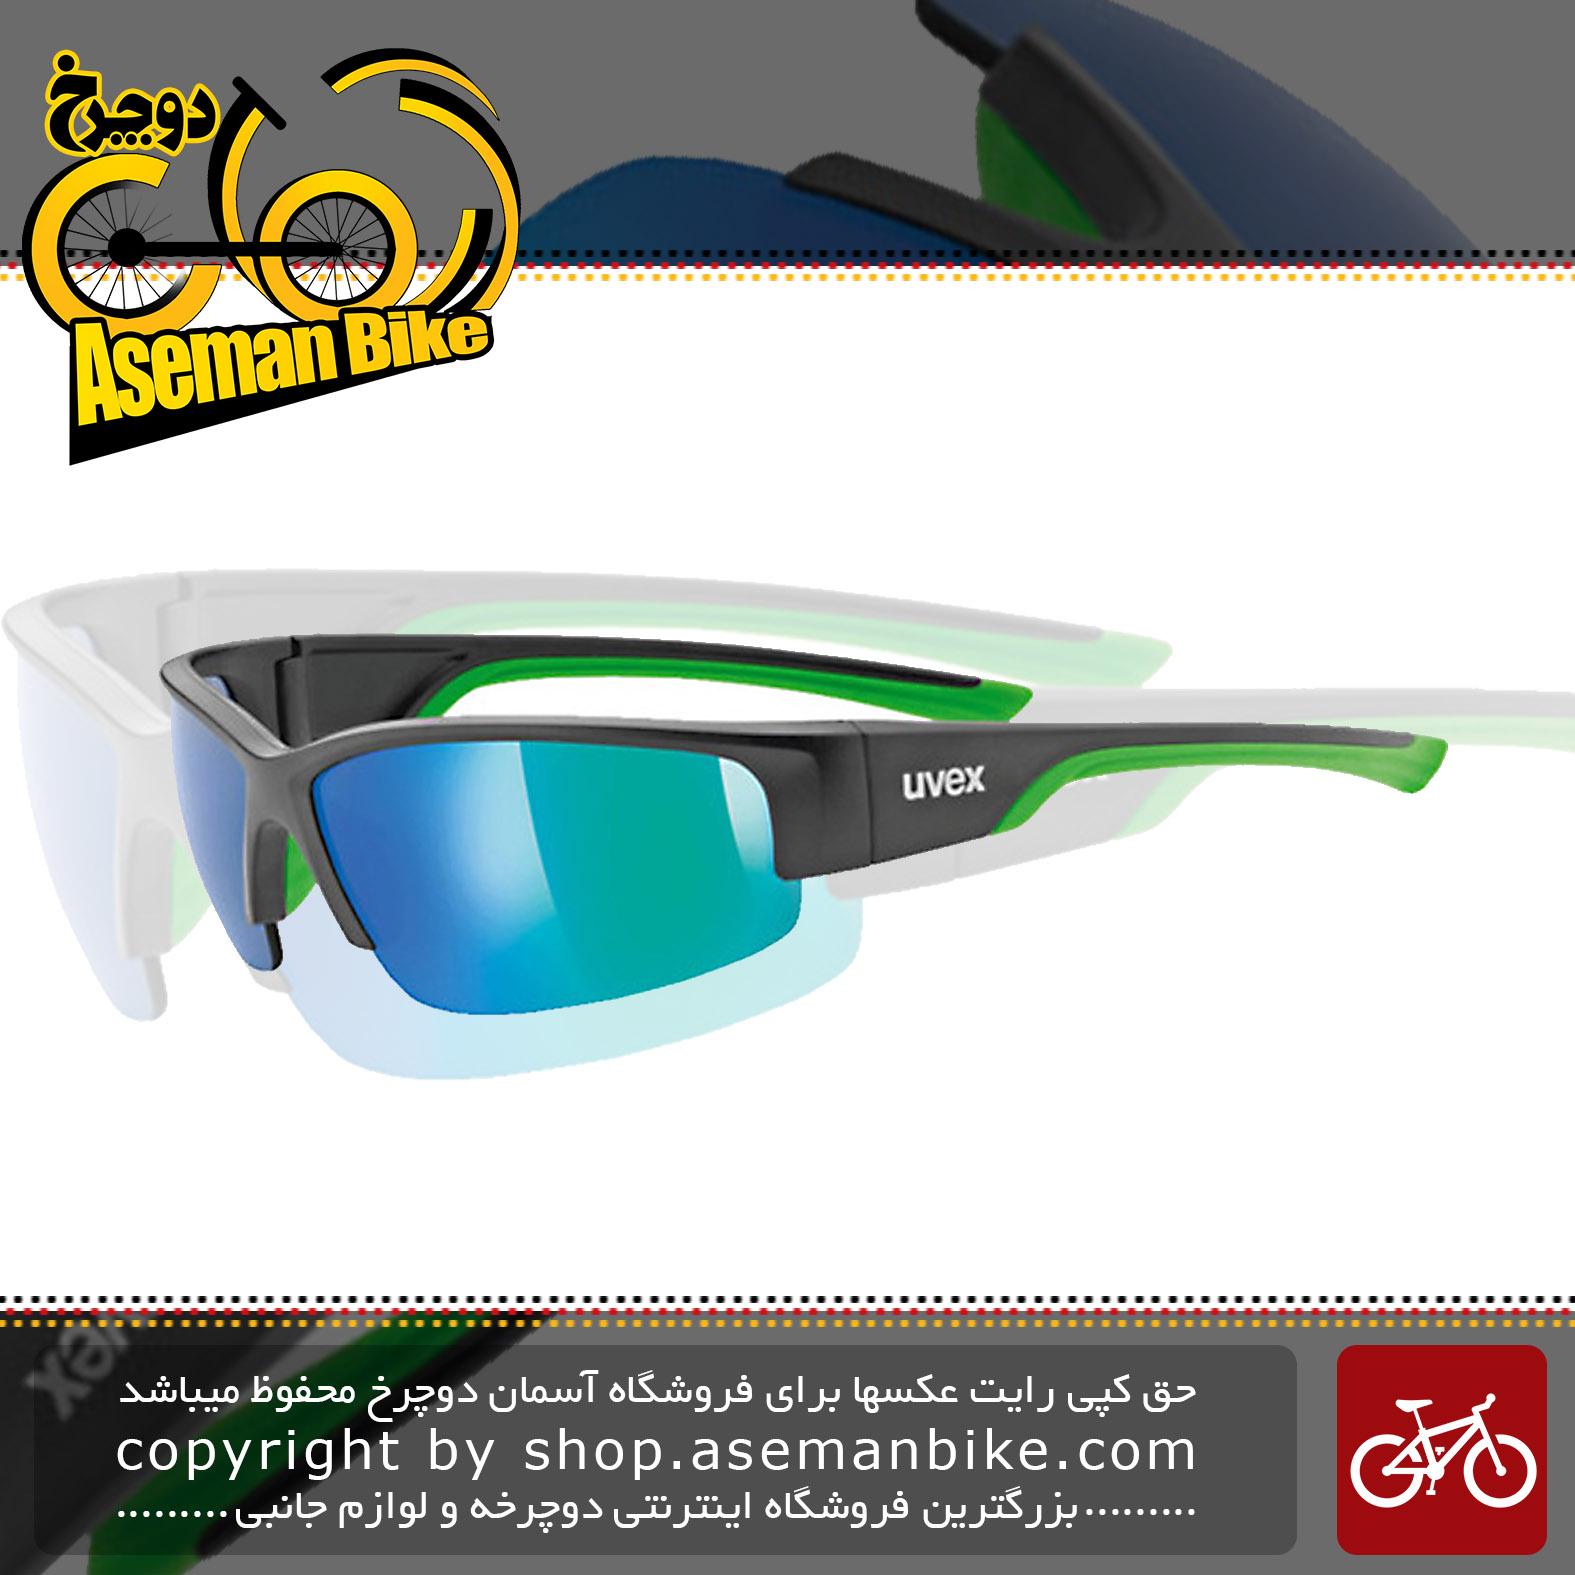 عینک دوچرخه سواری یووکس مدل215 سبز UVEX Bicycle Glasses